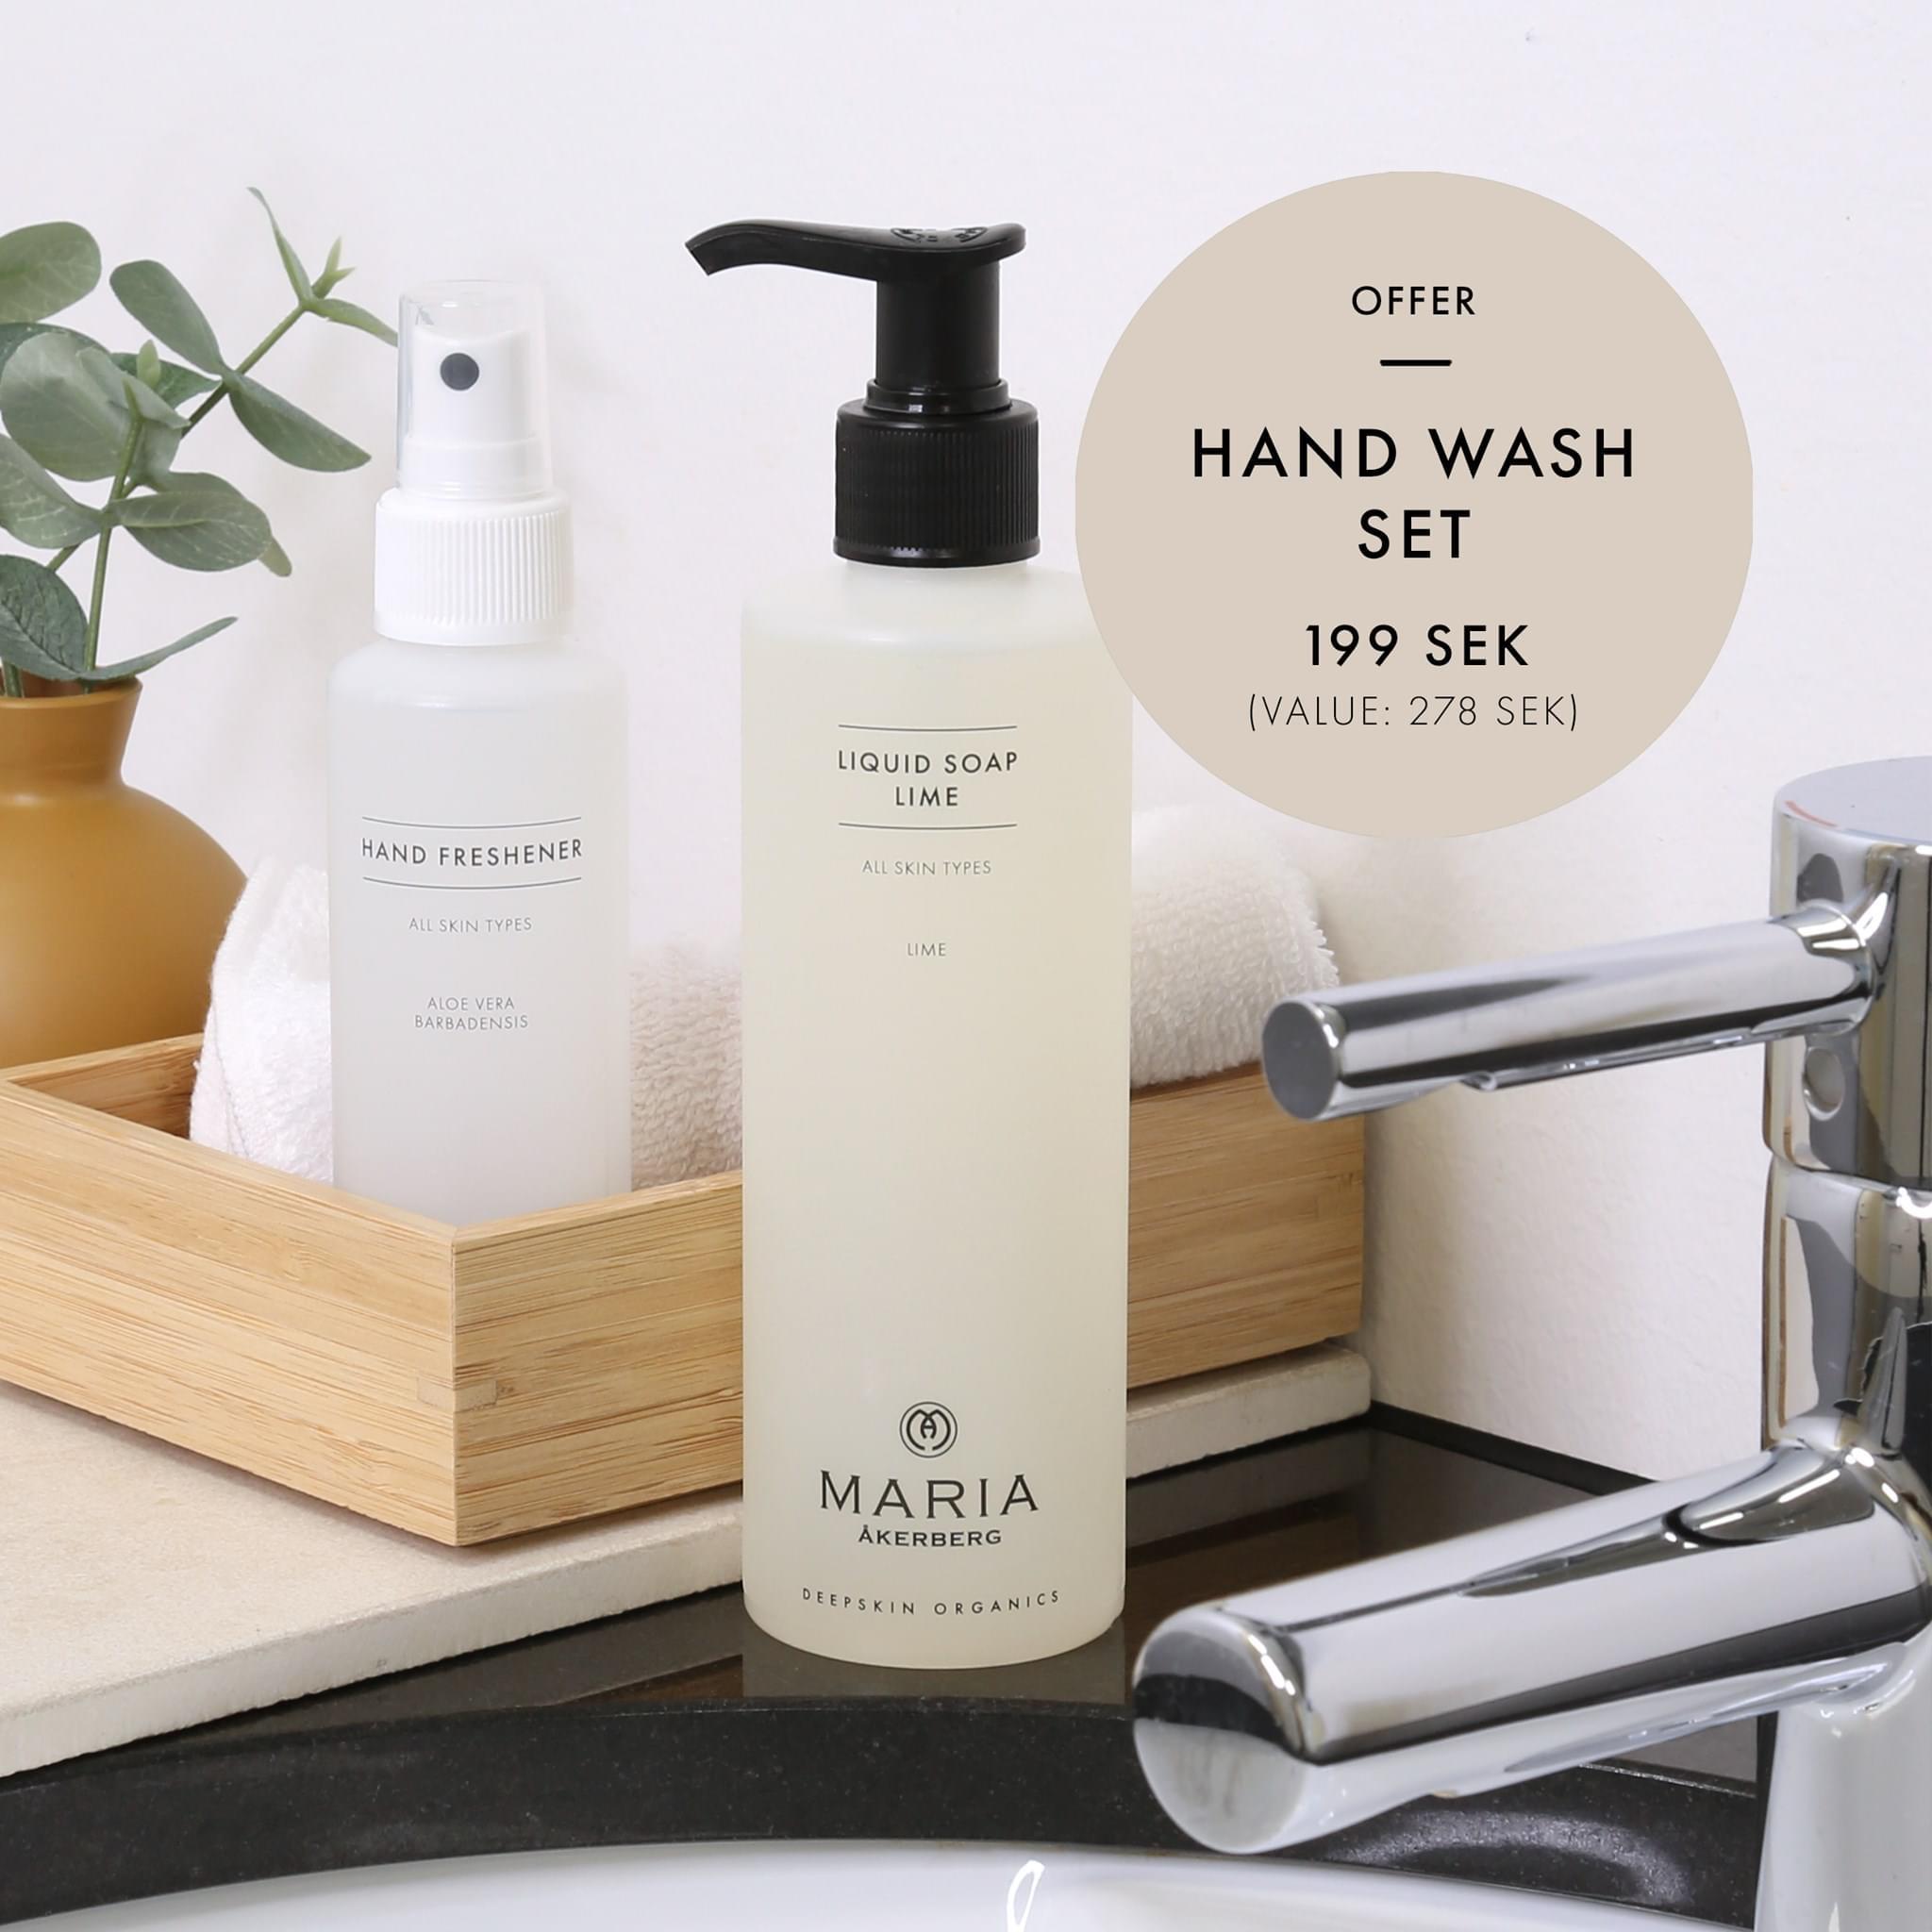 Hand wash set